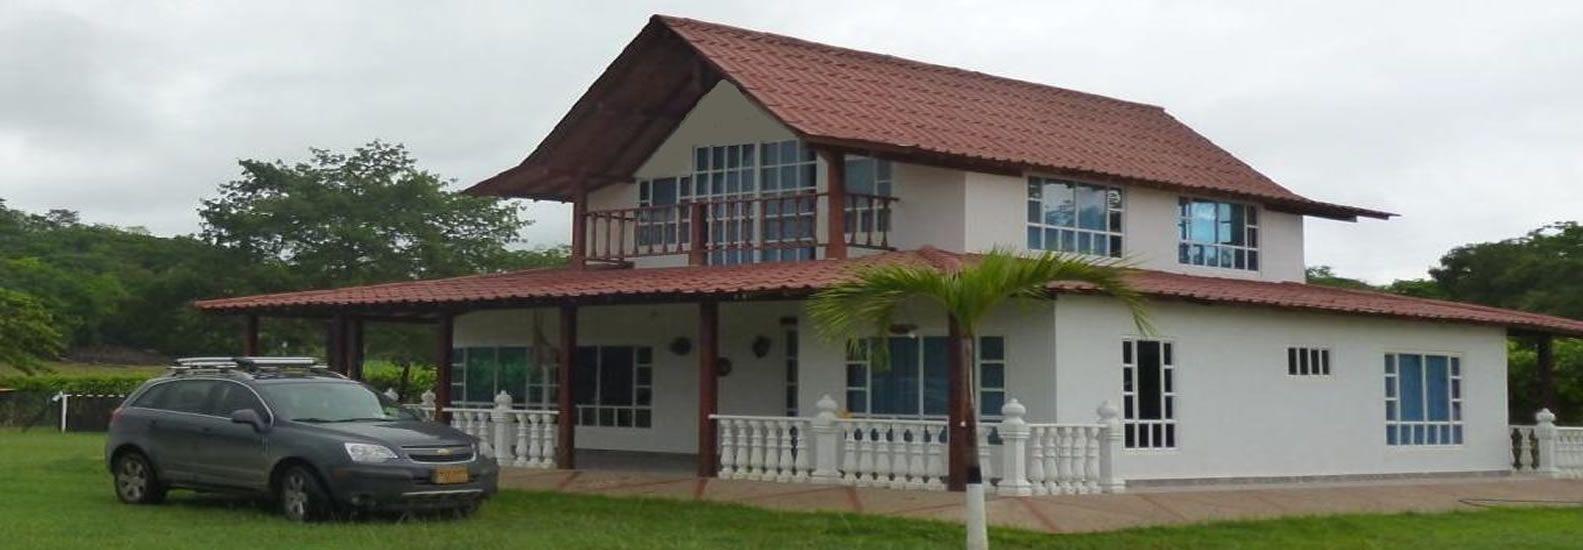 Casas prefabricadas campestres economicas buscar con - Casas prefabricadas economicas ...